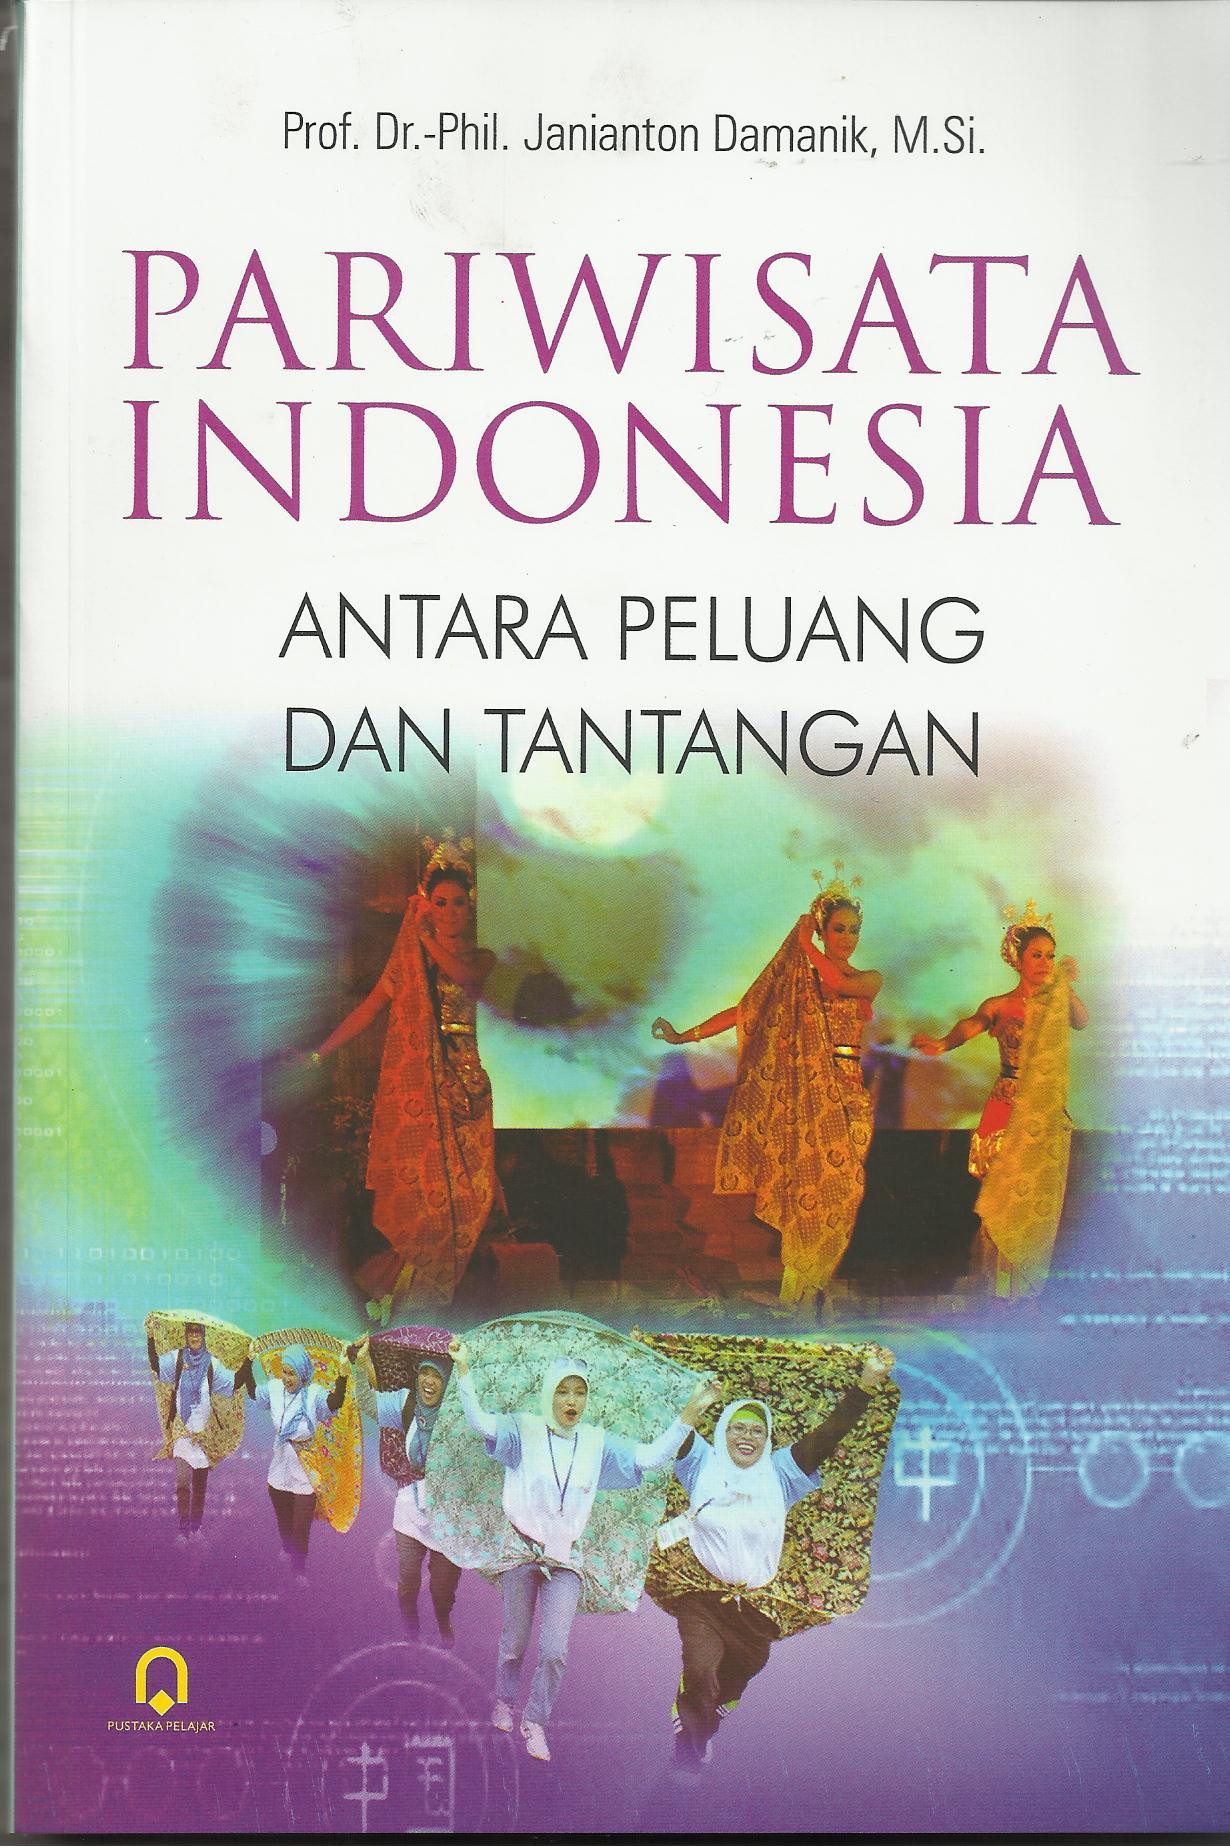 Pariwisata Indonesia Antara Peluang dan Tantangan